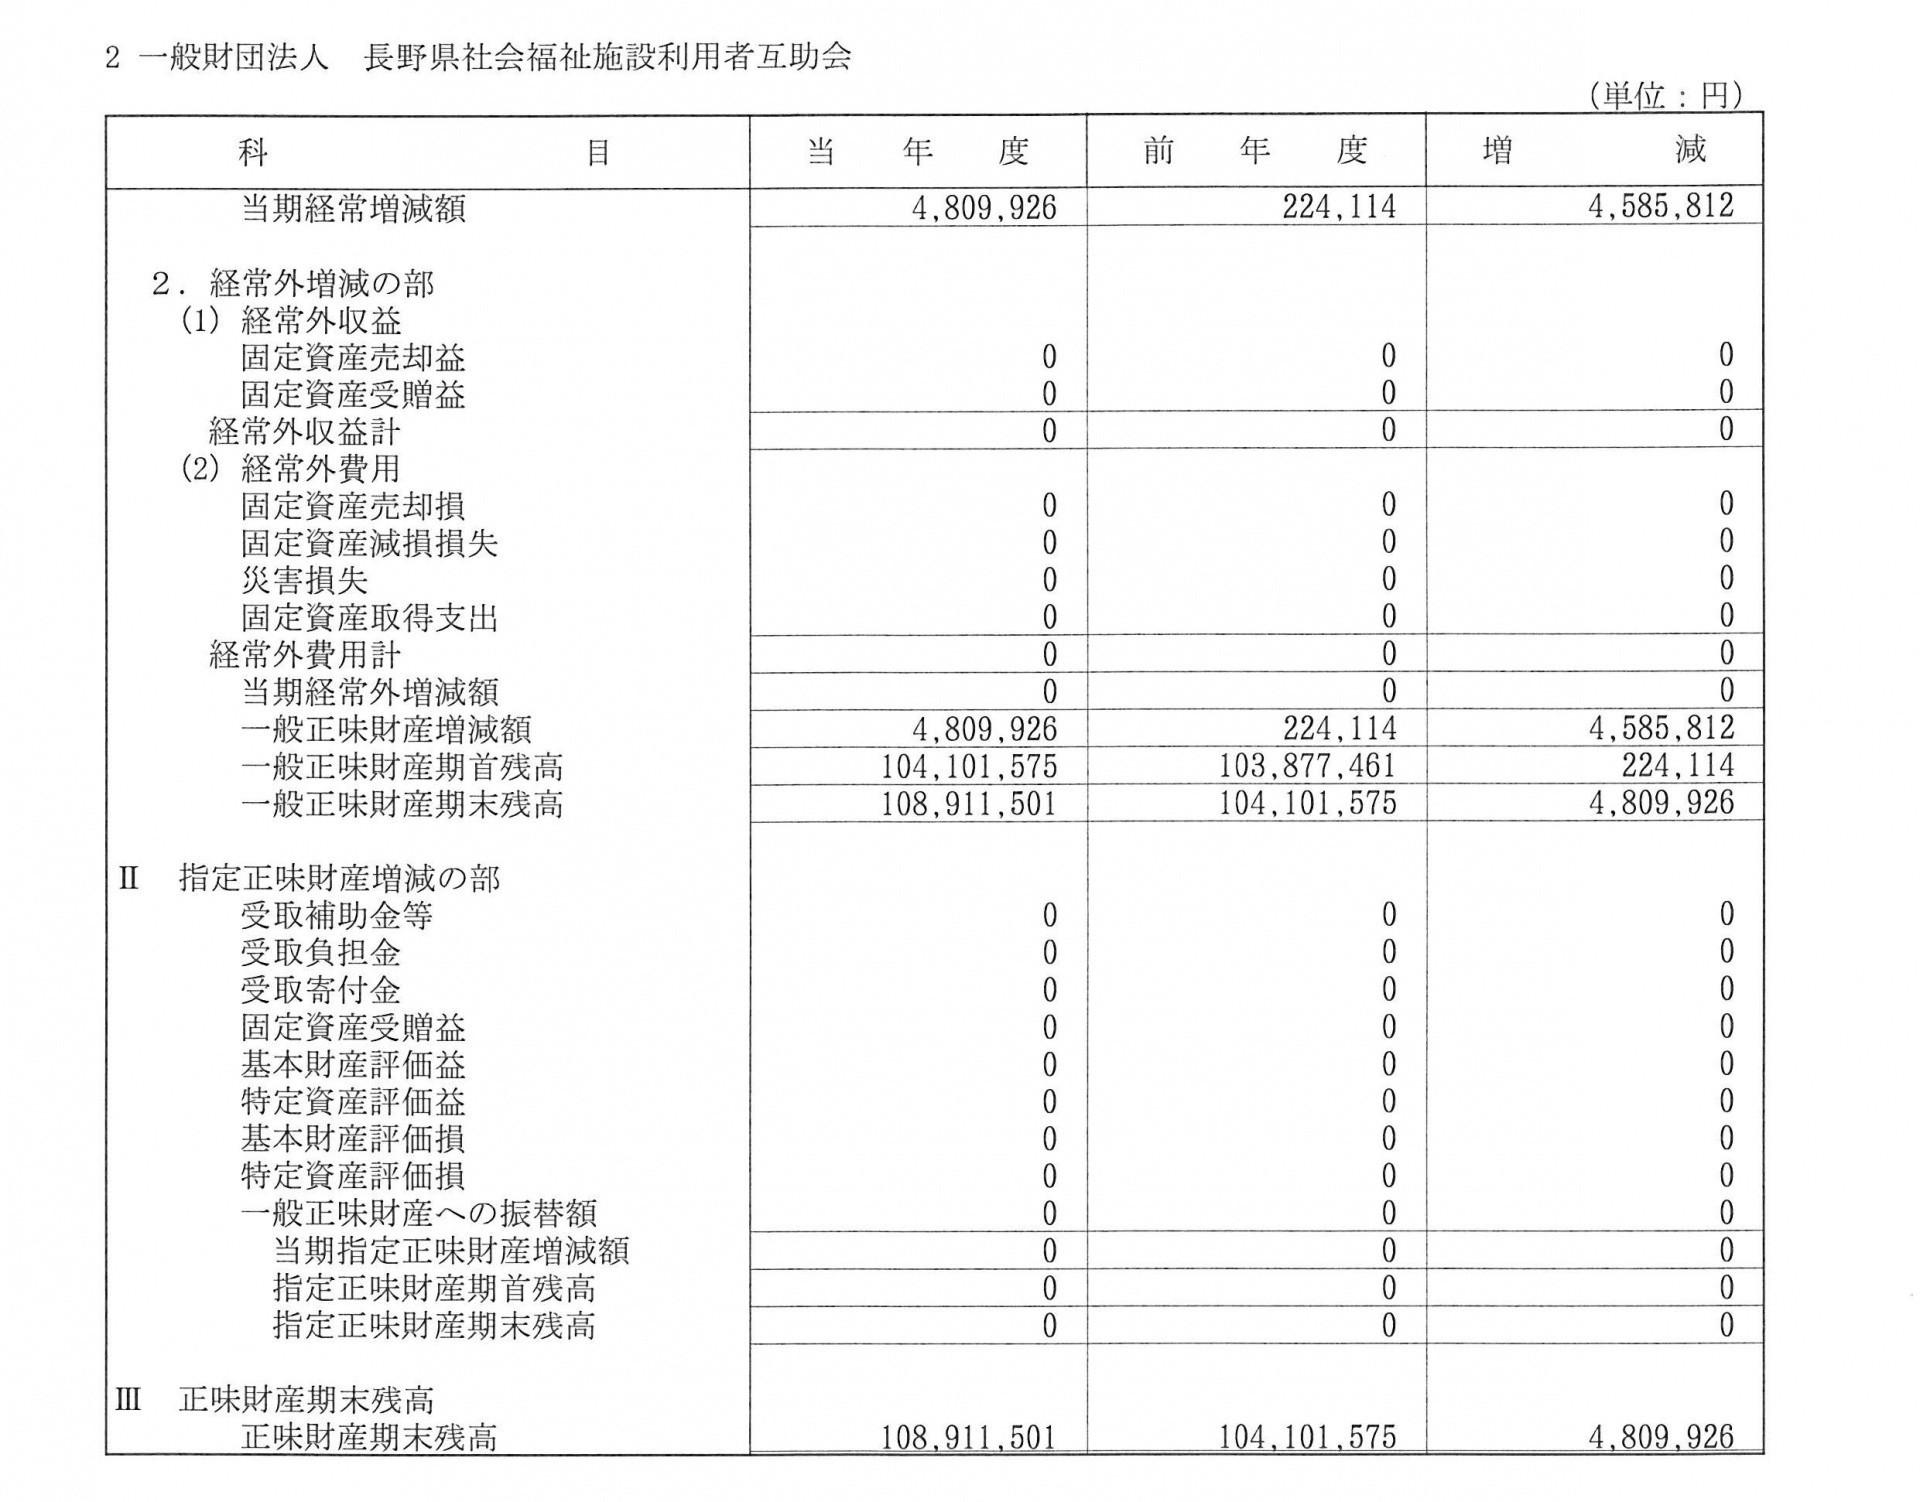 平成27年度正味財産増減計算書_2